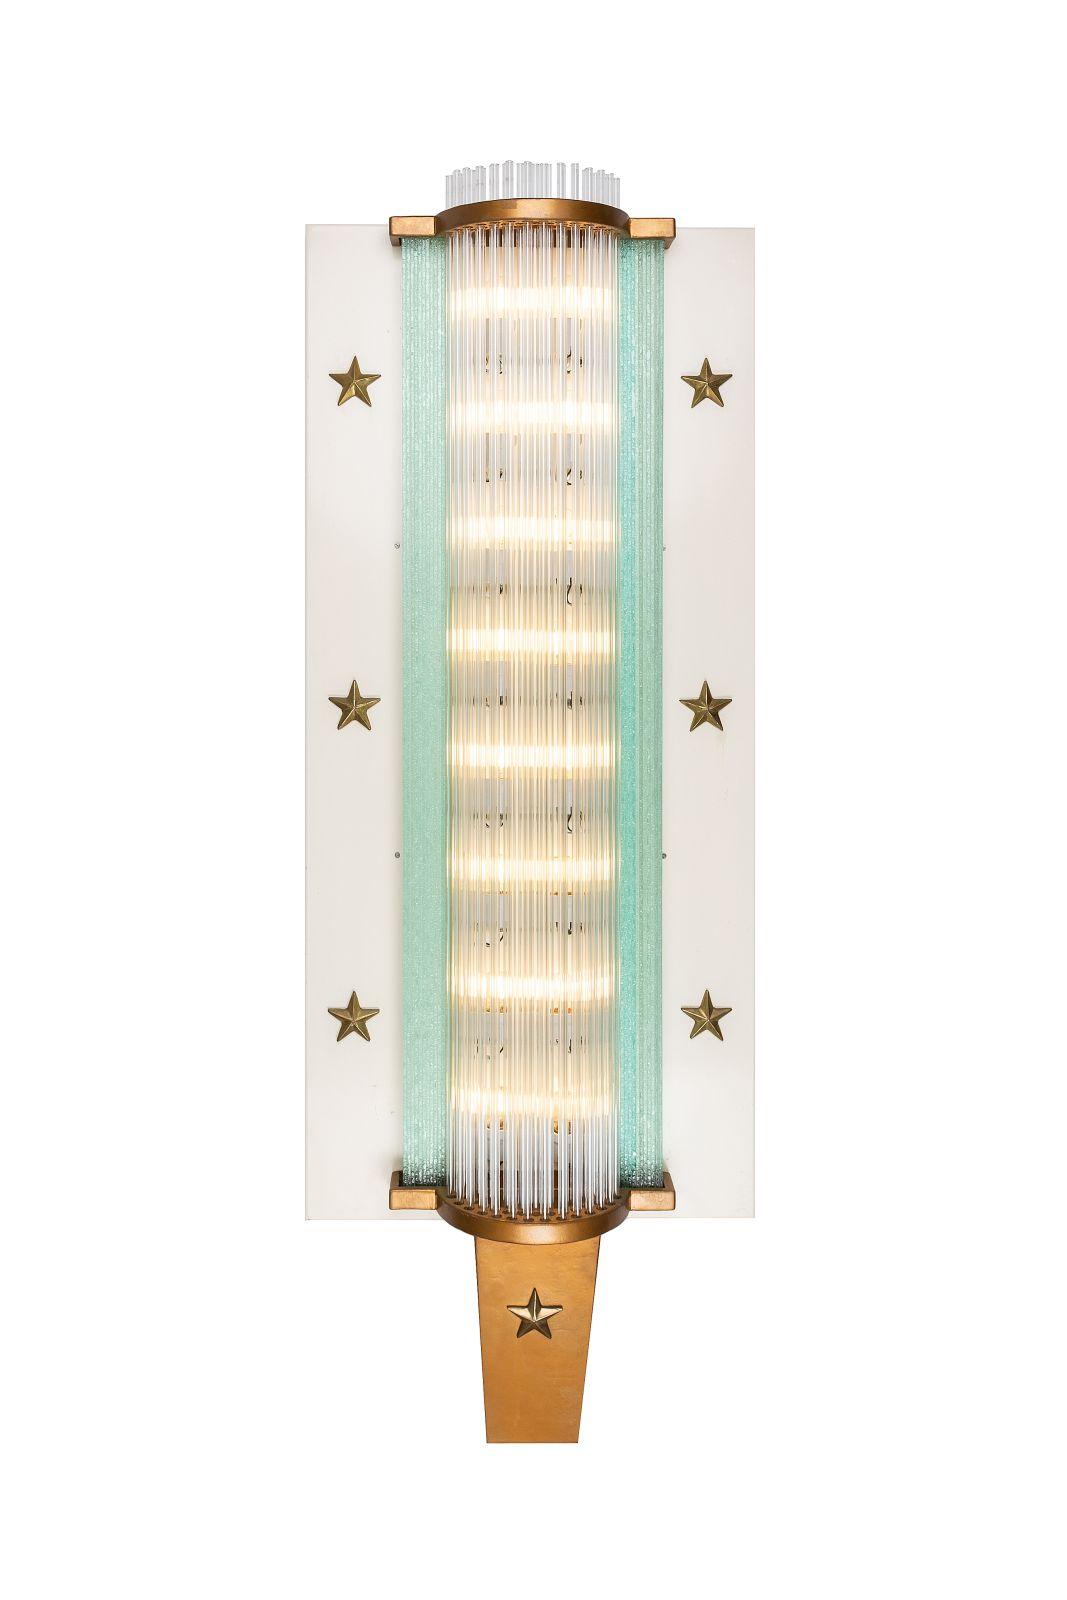 #22 Exterior lamp | Außenlampe Image